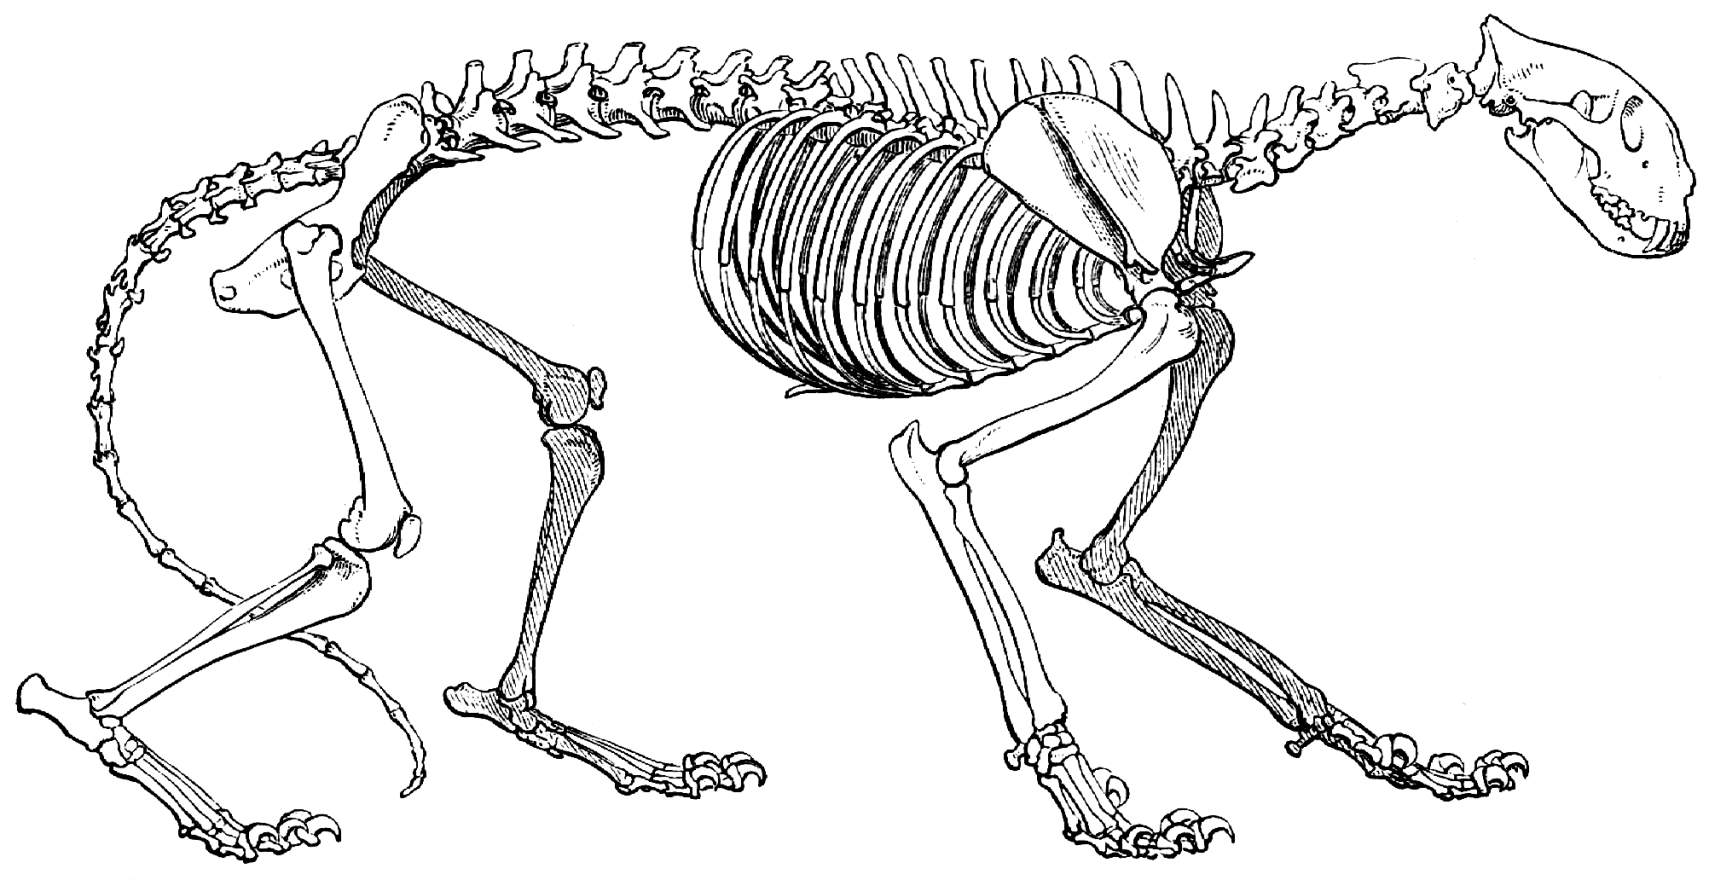 Atemberaubend Anatomie Eines Geparden Ideen - Anatomie Von ...